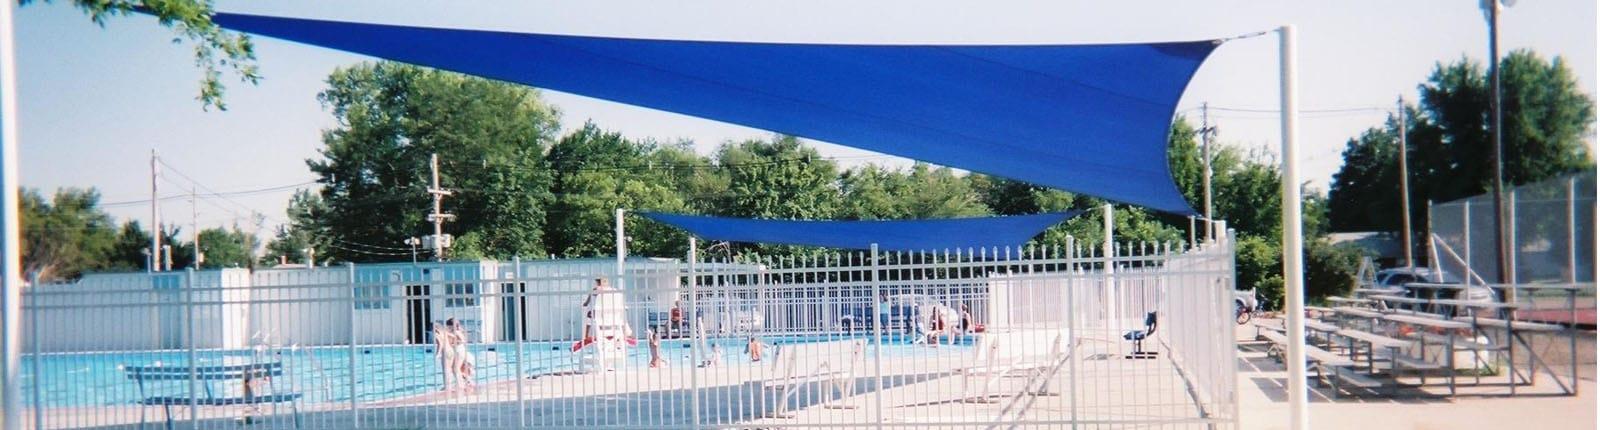 Minden Pool Pool | Sterling West